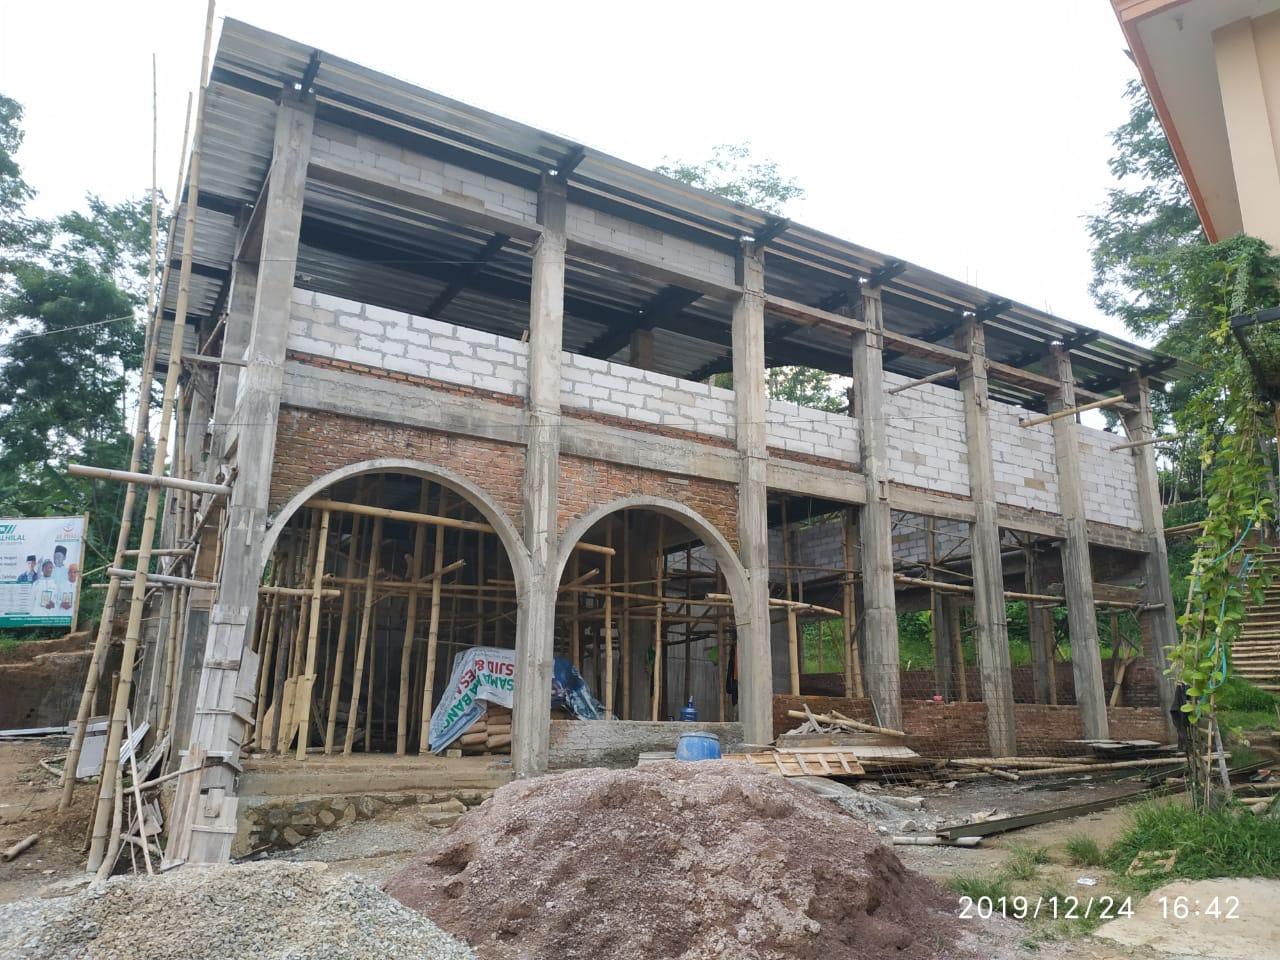 Laporan Keuangan dan Progres Pembangunan Masjid Pesantren al-Hilal 13